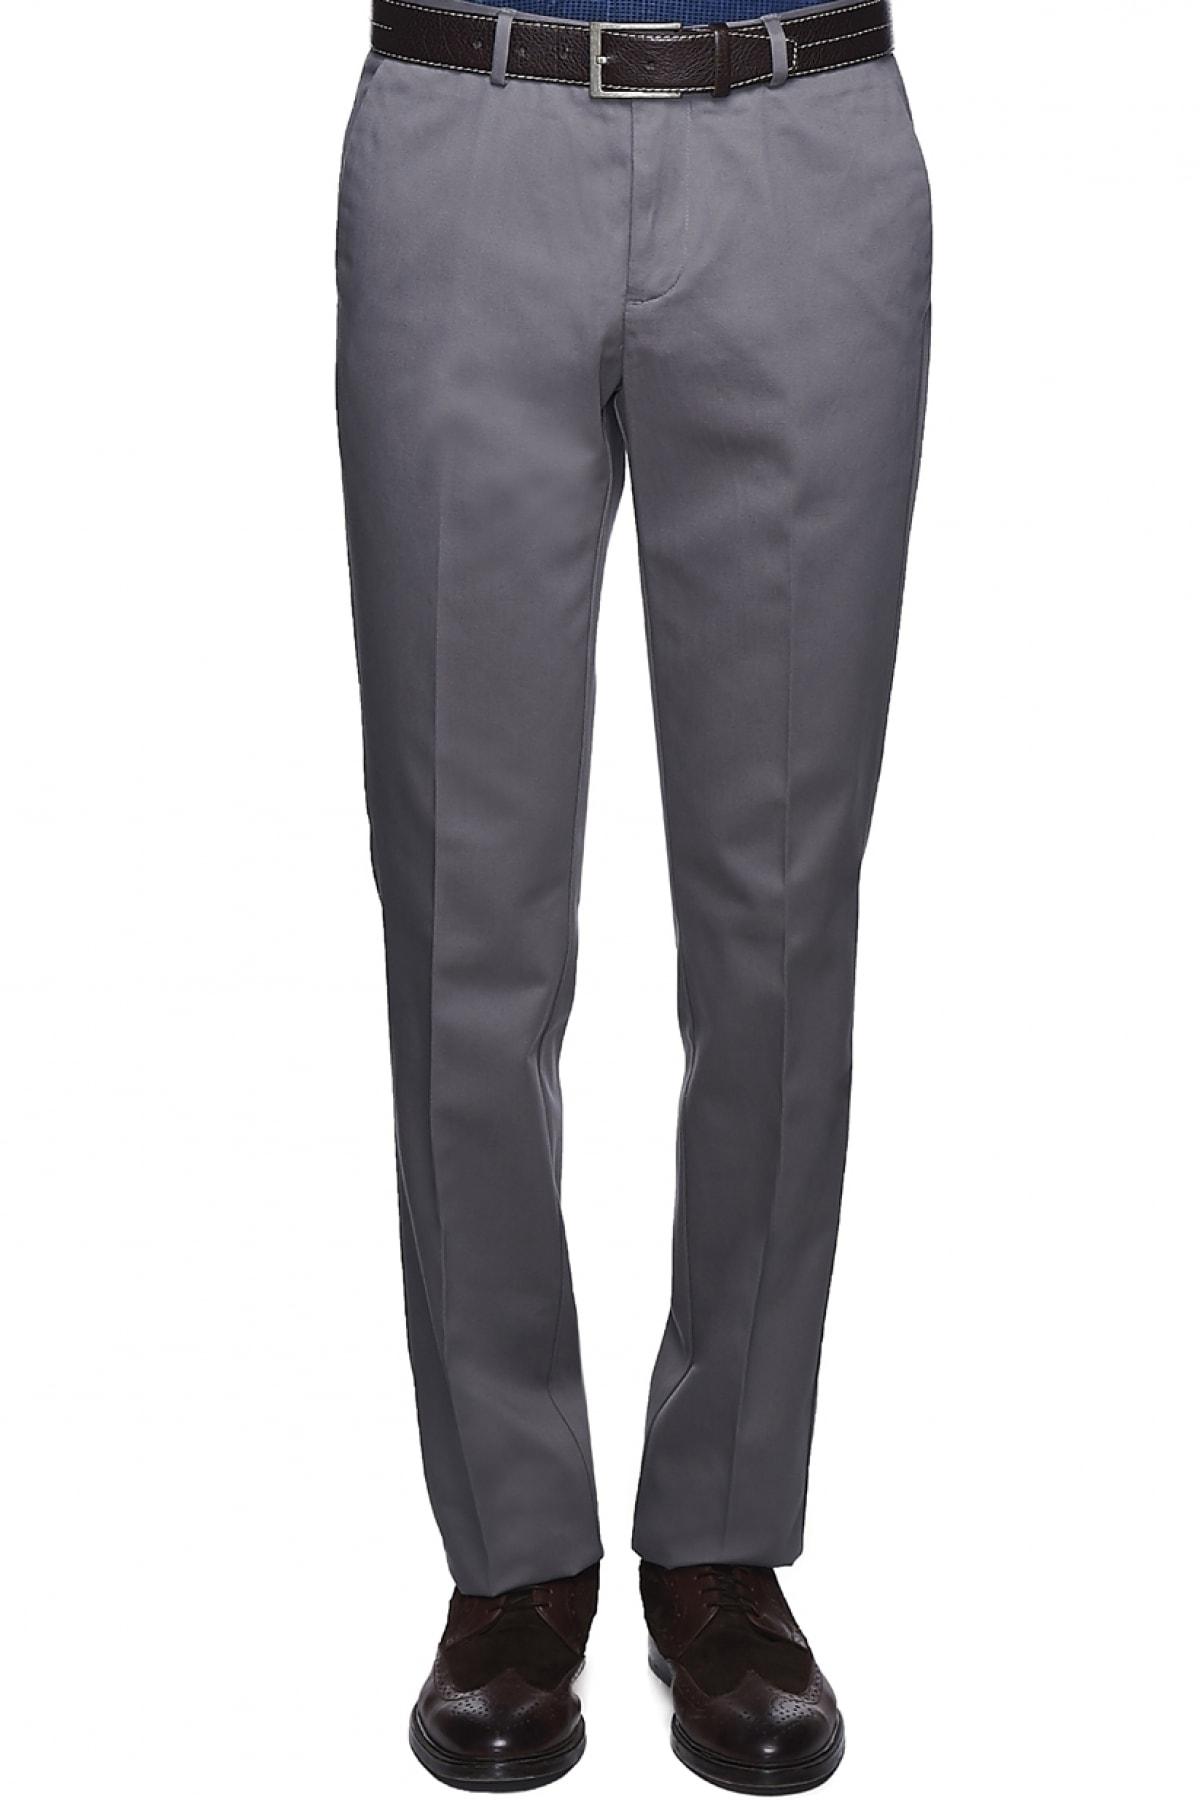 ALTINYILDIZ CLASSICS ERKEK Gri Ütü Gerektirmeyen Non-Iron Slim Fit Pantolon  Fiyatı, Yorumları - TRENDYOL